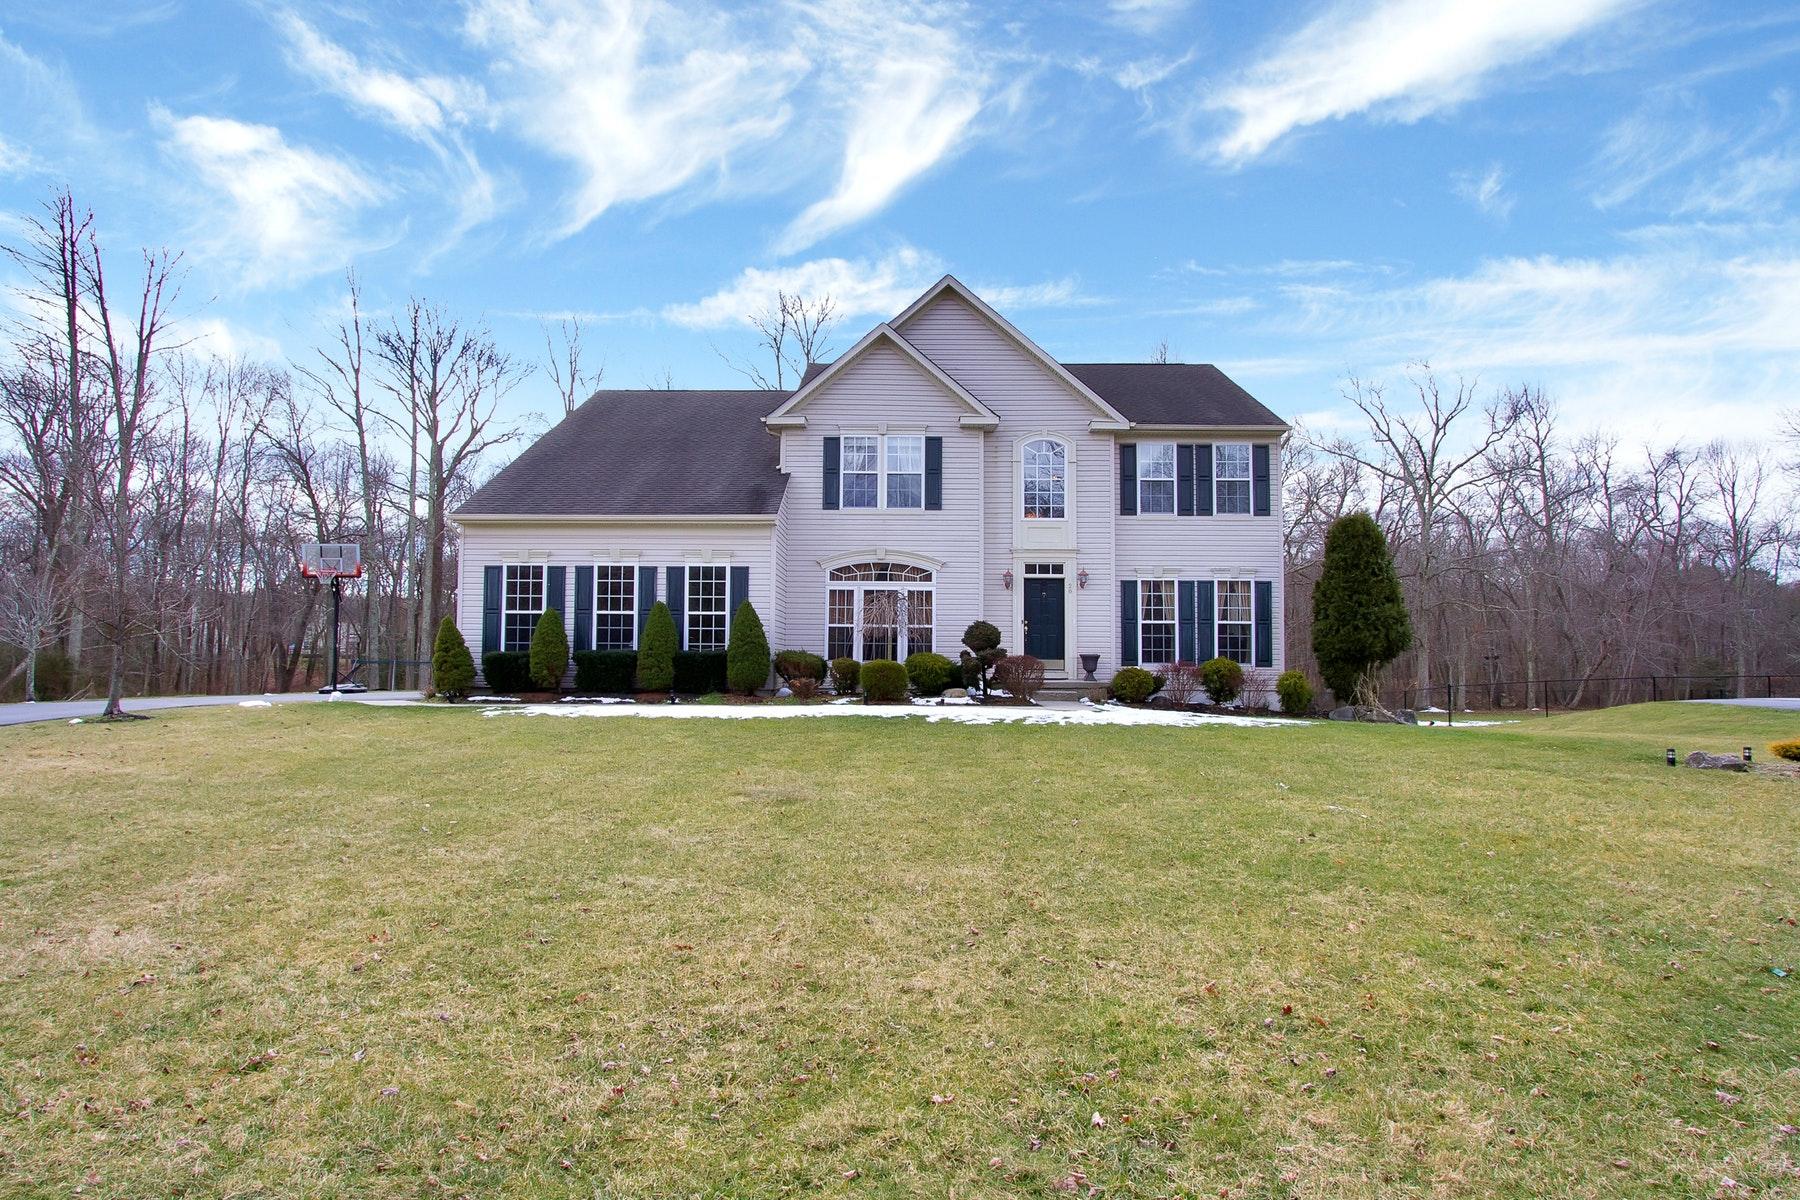 واحد منزل الأسرة للـ Sale في 20 Fountain View Drive Jackson, New Jersey, 08527 United States